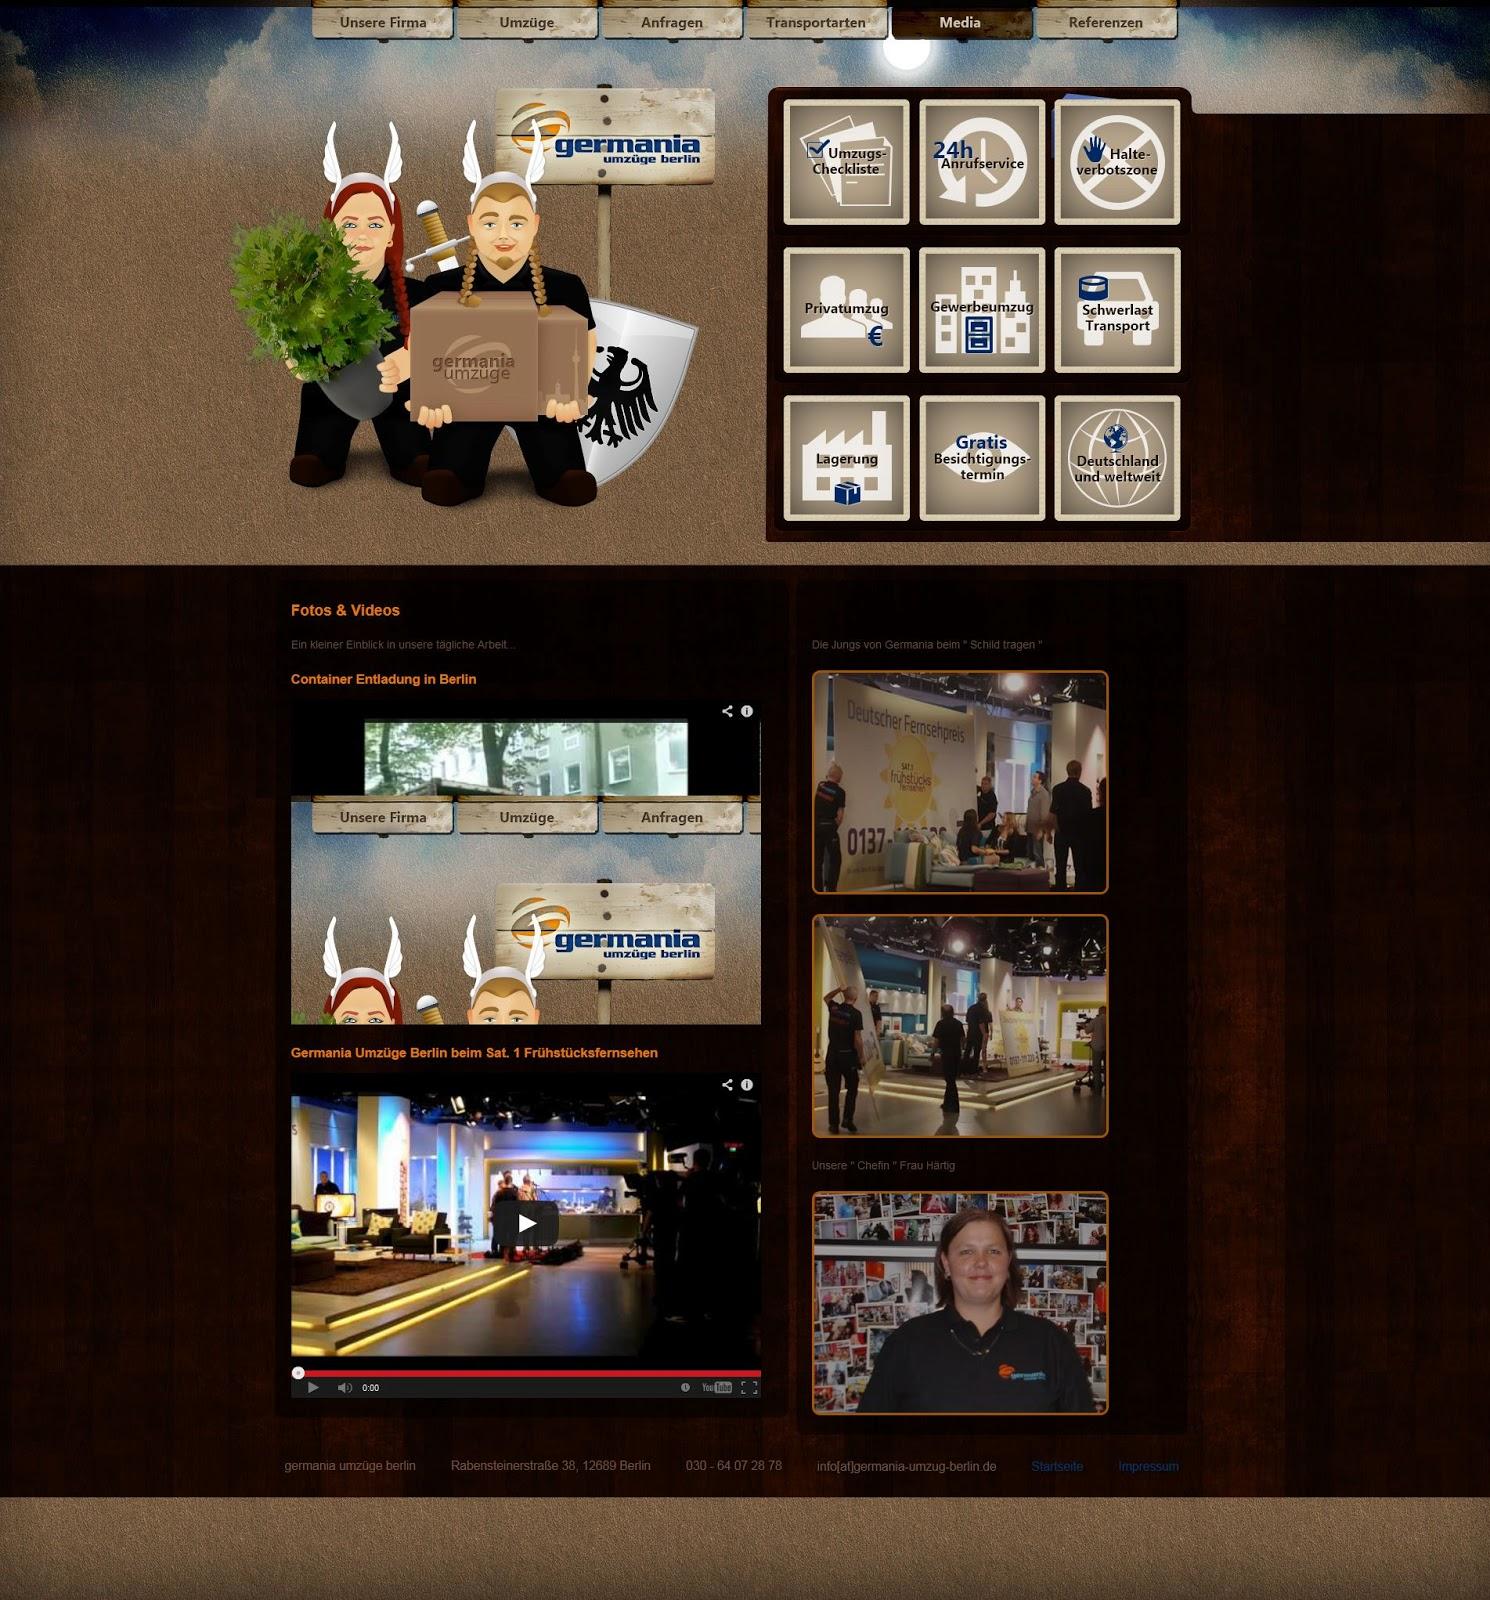 bitskin erfahrungen kunden erfahrungen mit der bitskin agentur umzug die wikinger erledigen das. Black Bedroom Furniture Sets. Home Design Ideas